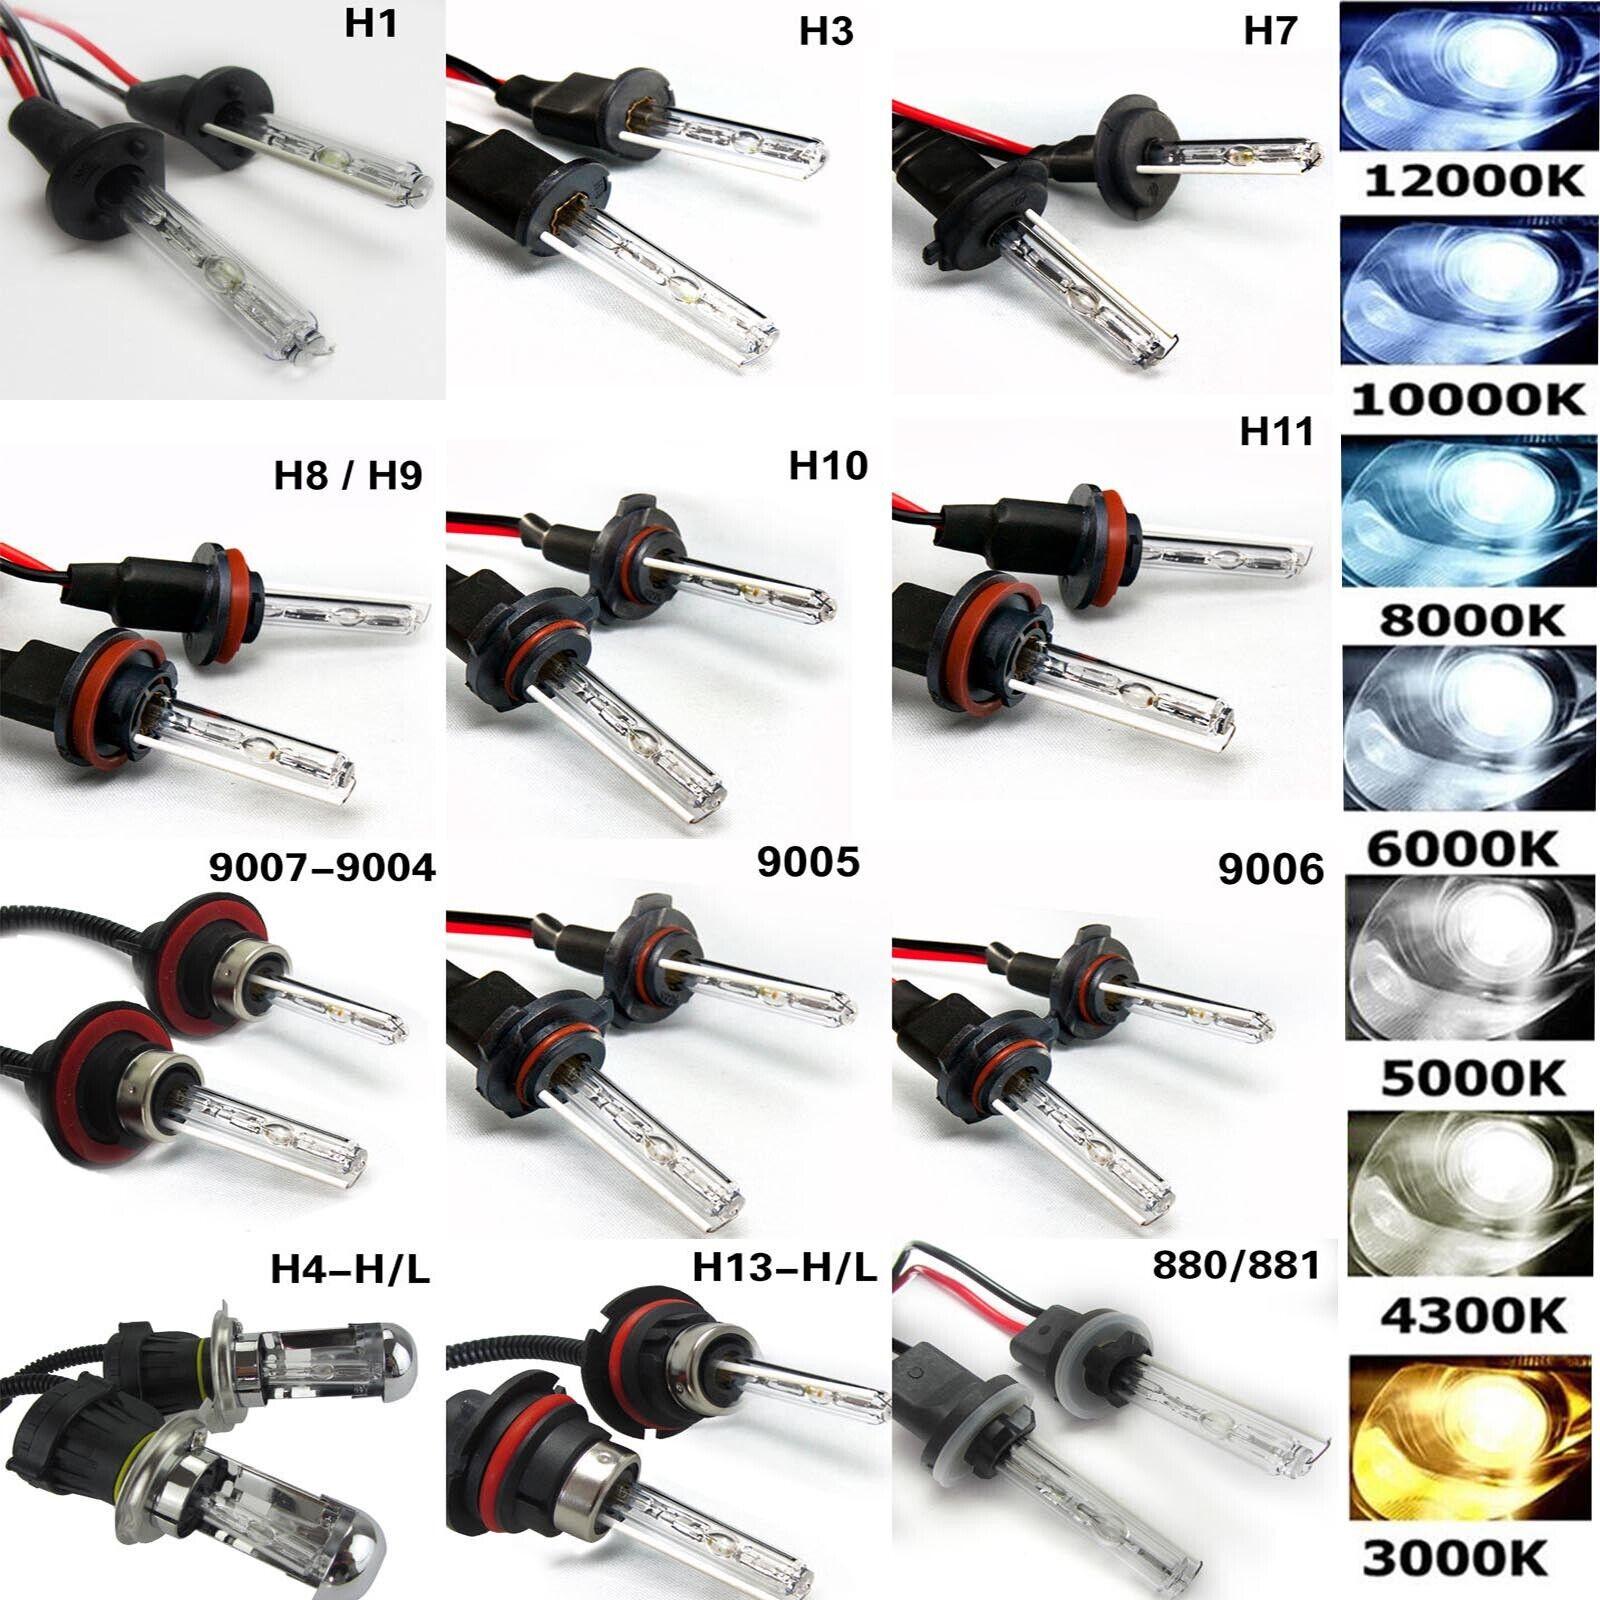 HID Xenon Headlight Conversion KIT Bulbs H1 H3 H4 H7 9005 H11 880//881 For Ford